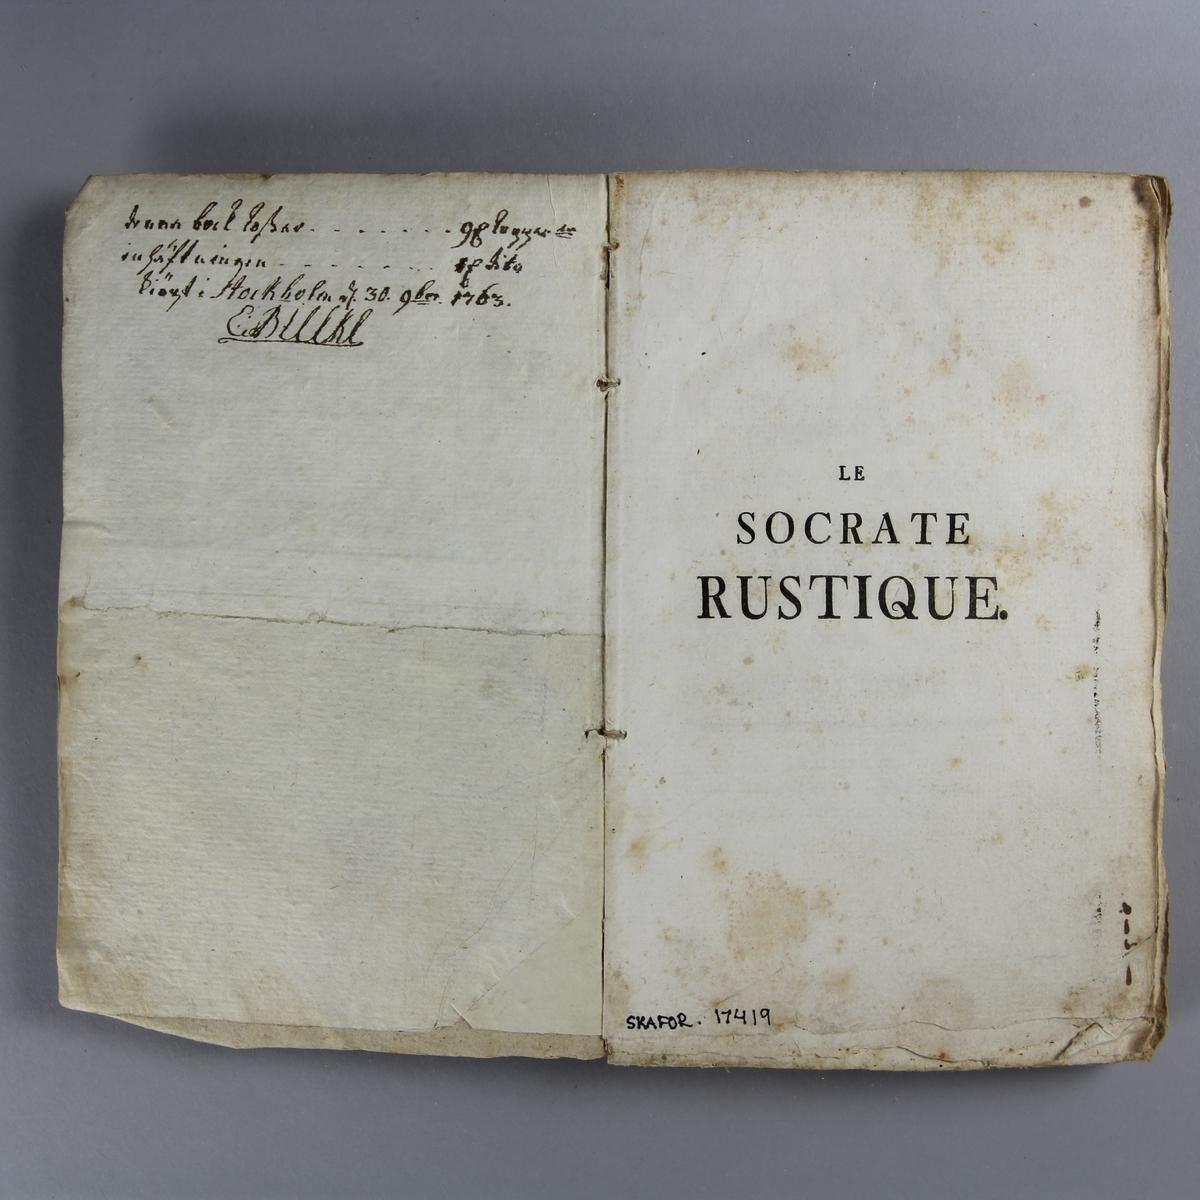 """Bok, häftad,""""Le Socrate rustique"""",  tryckt i Zürich 1762. Pärm av gråblått papper, oskurna snitt. Blekt rygg med pappersetikett med volymens namn och samlingsnummer."""